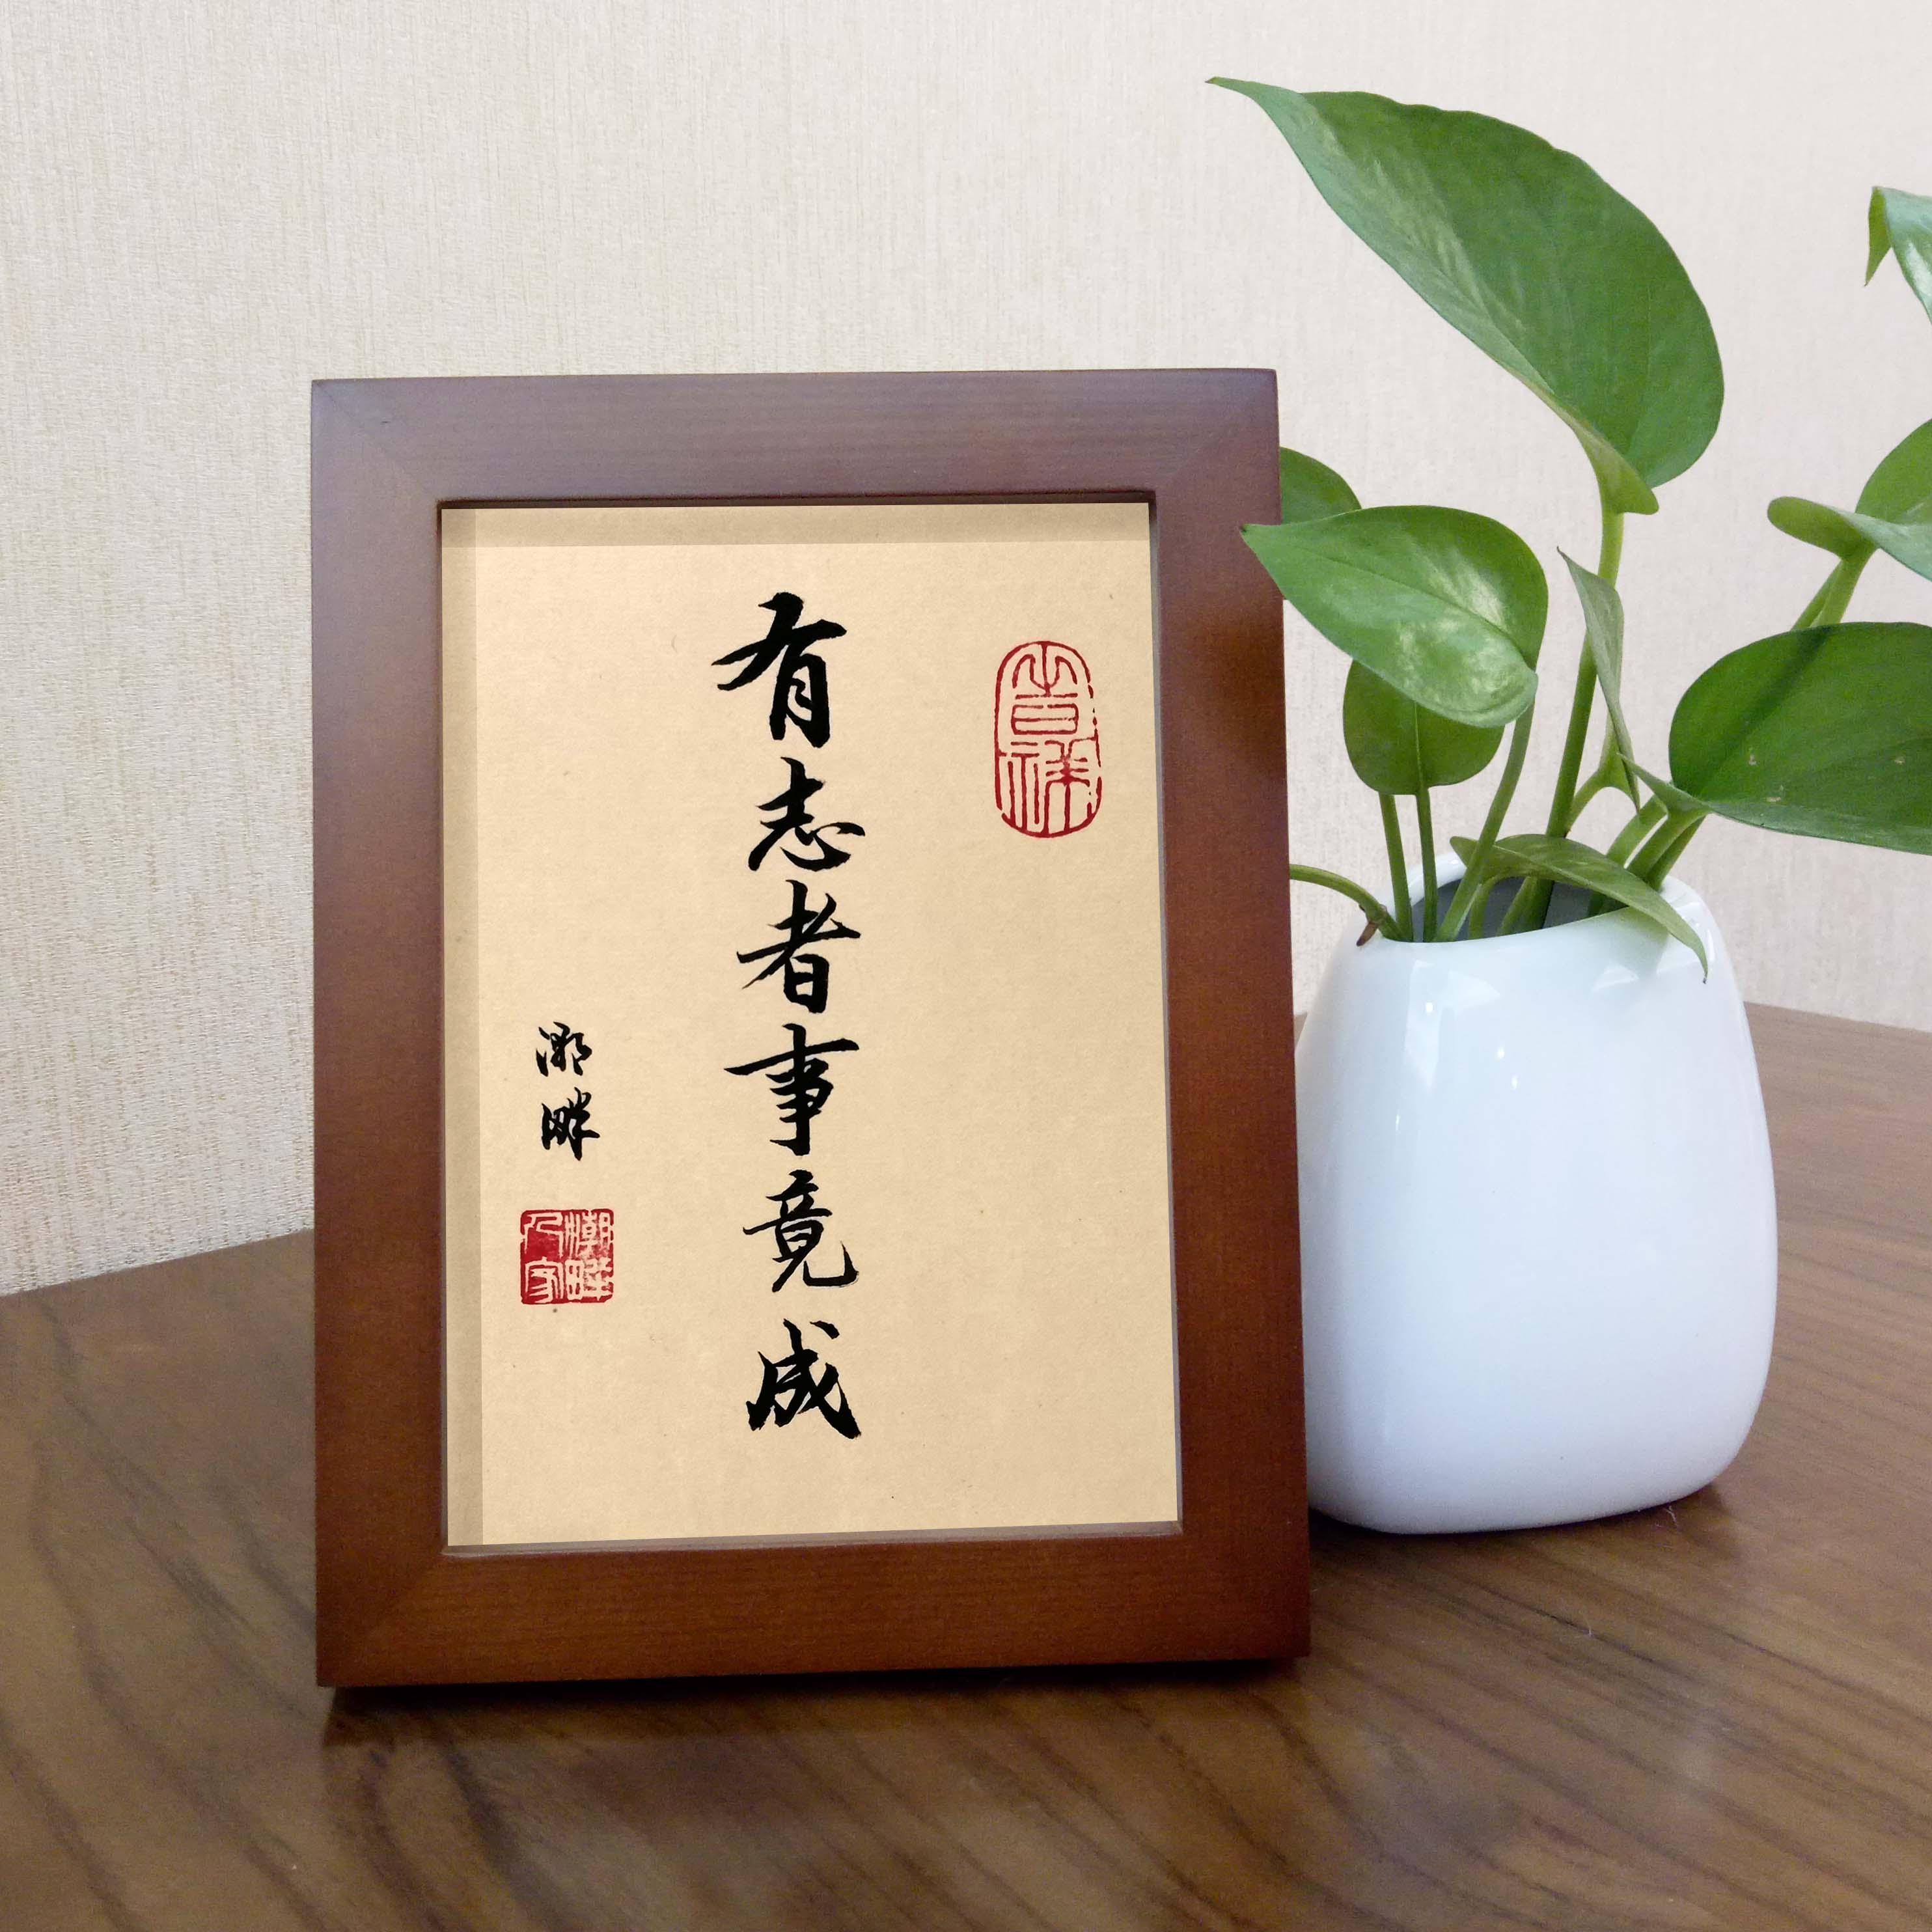 学生励志座右铭手写书法字画(多款)客厅书房桌面摆件新中式挂画